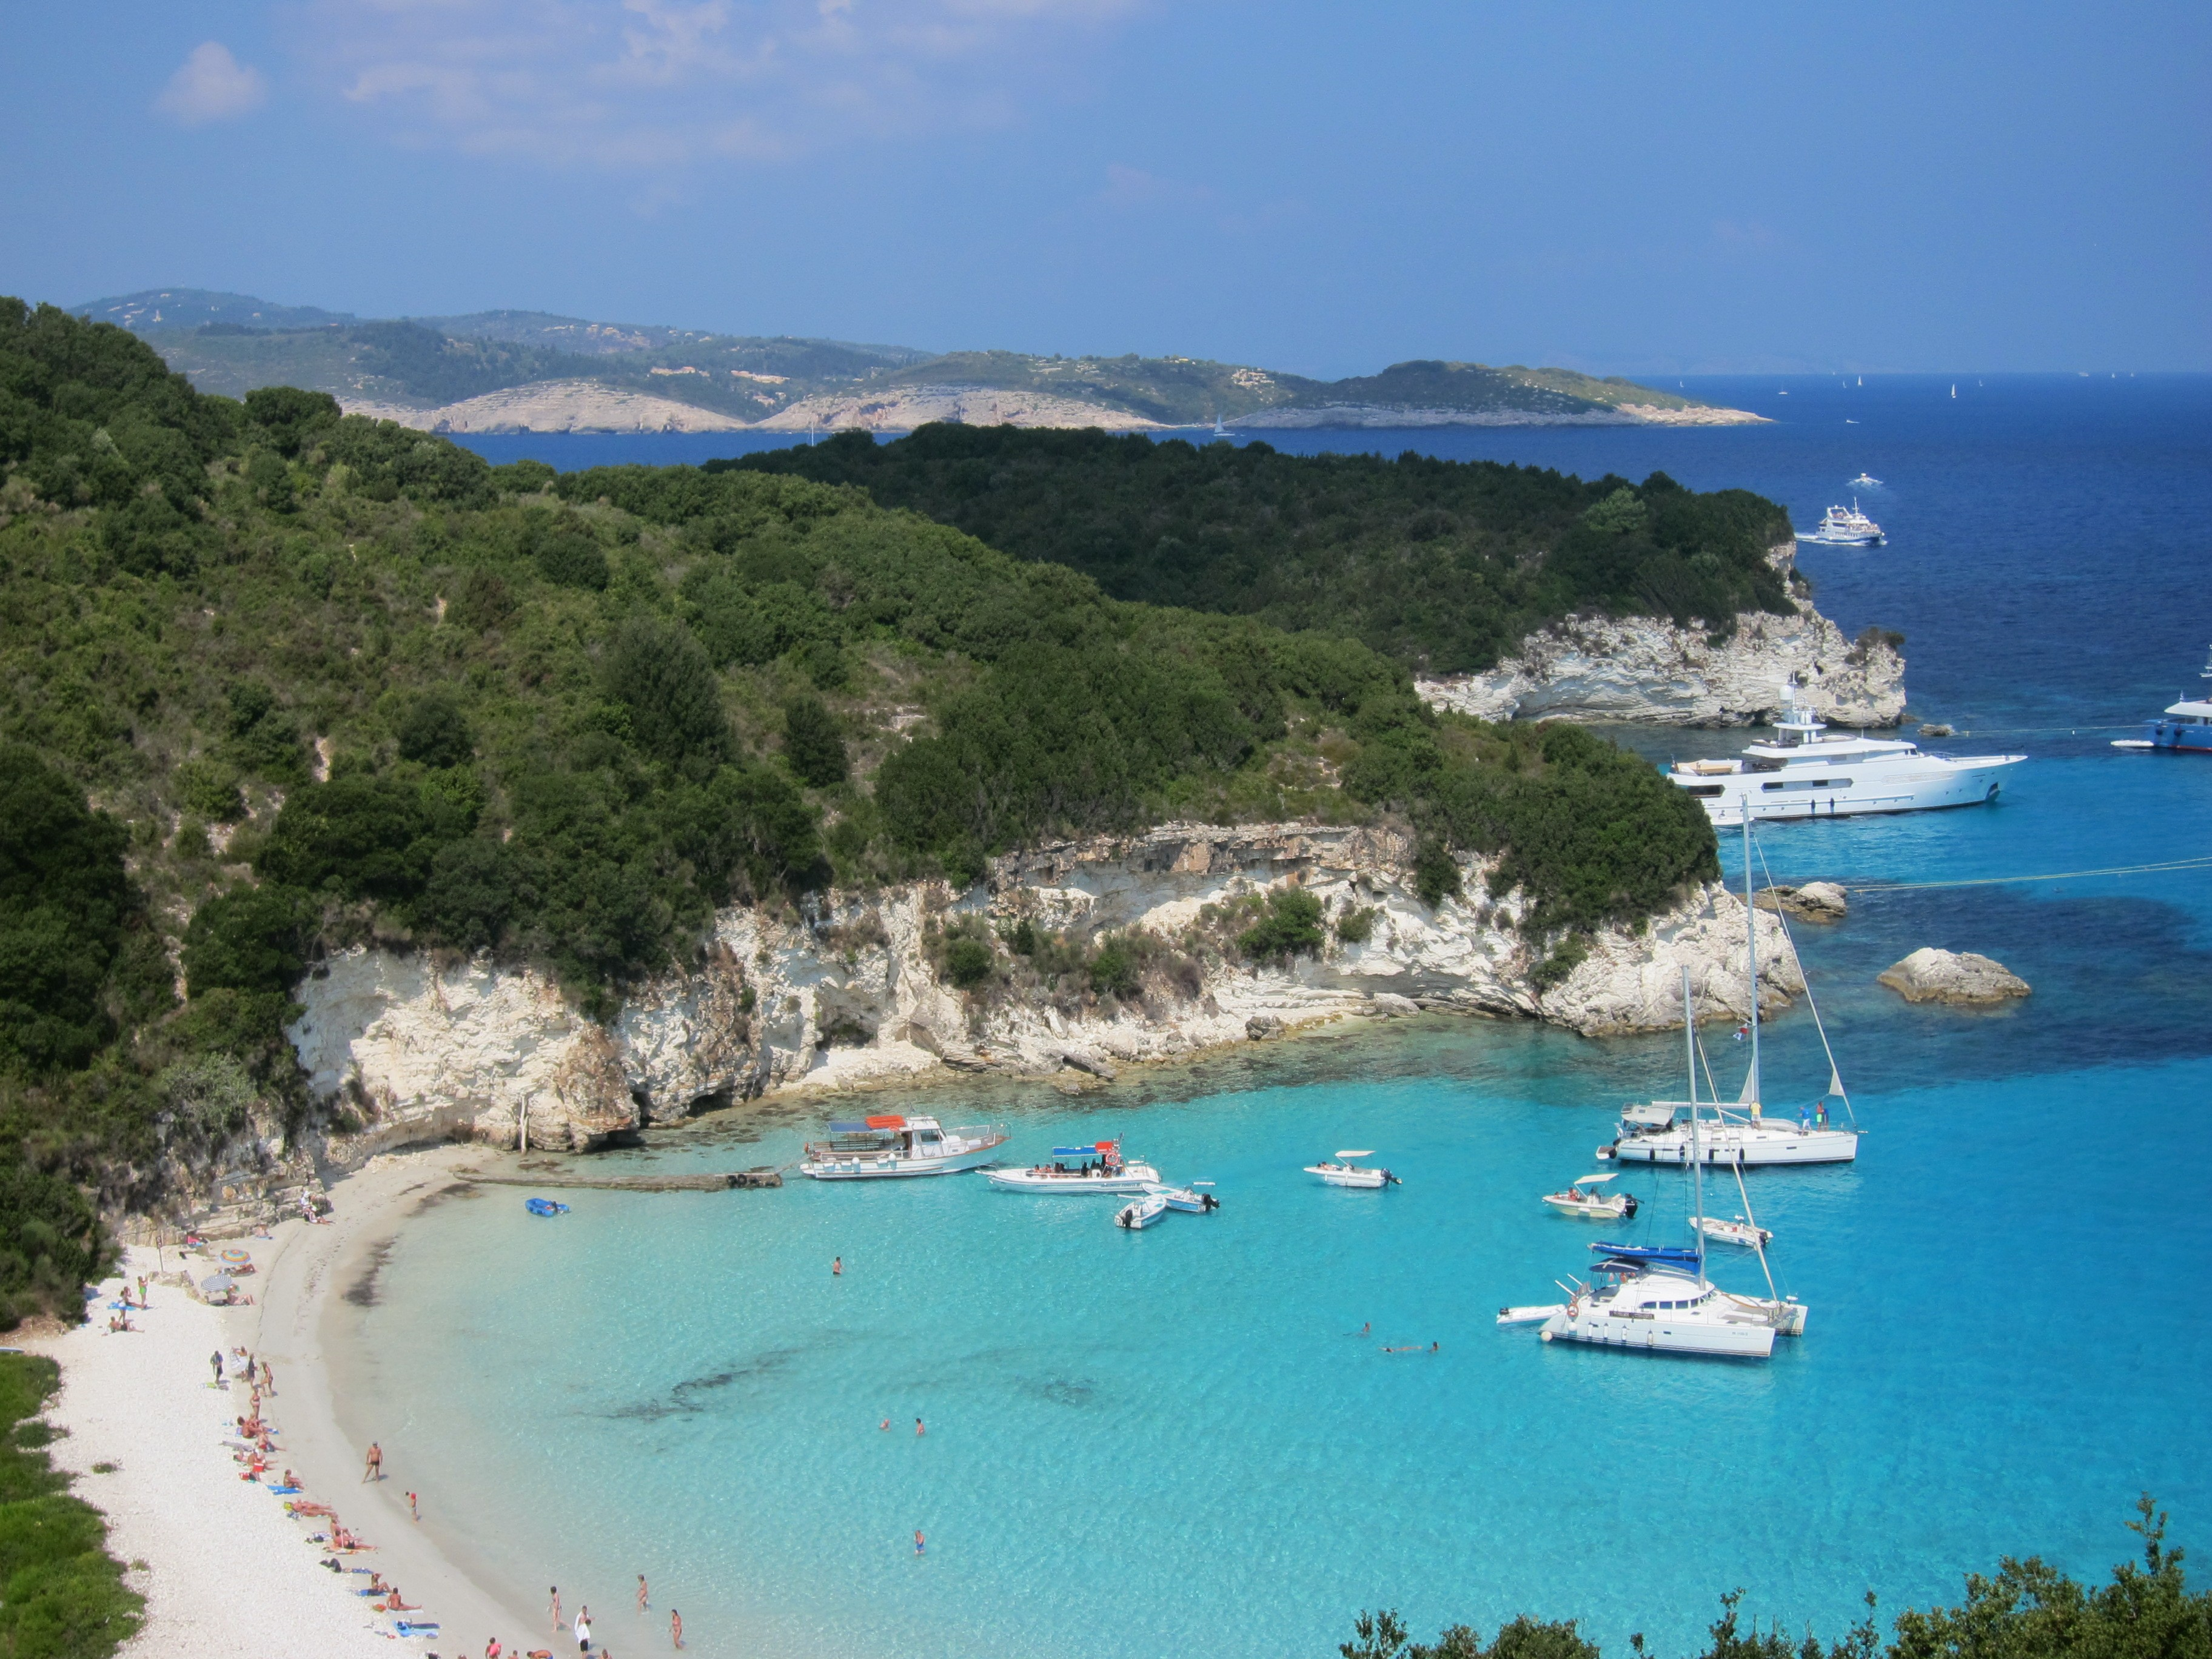 Voutoumi Beach_Greece Beaches_Source pinkbirdflies.com